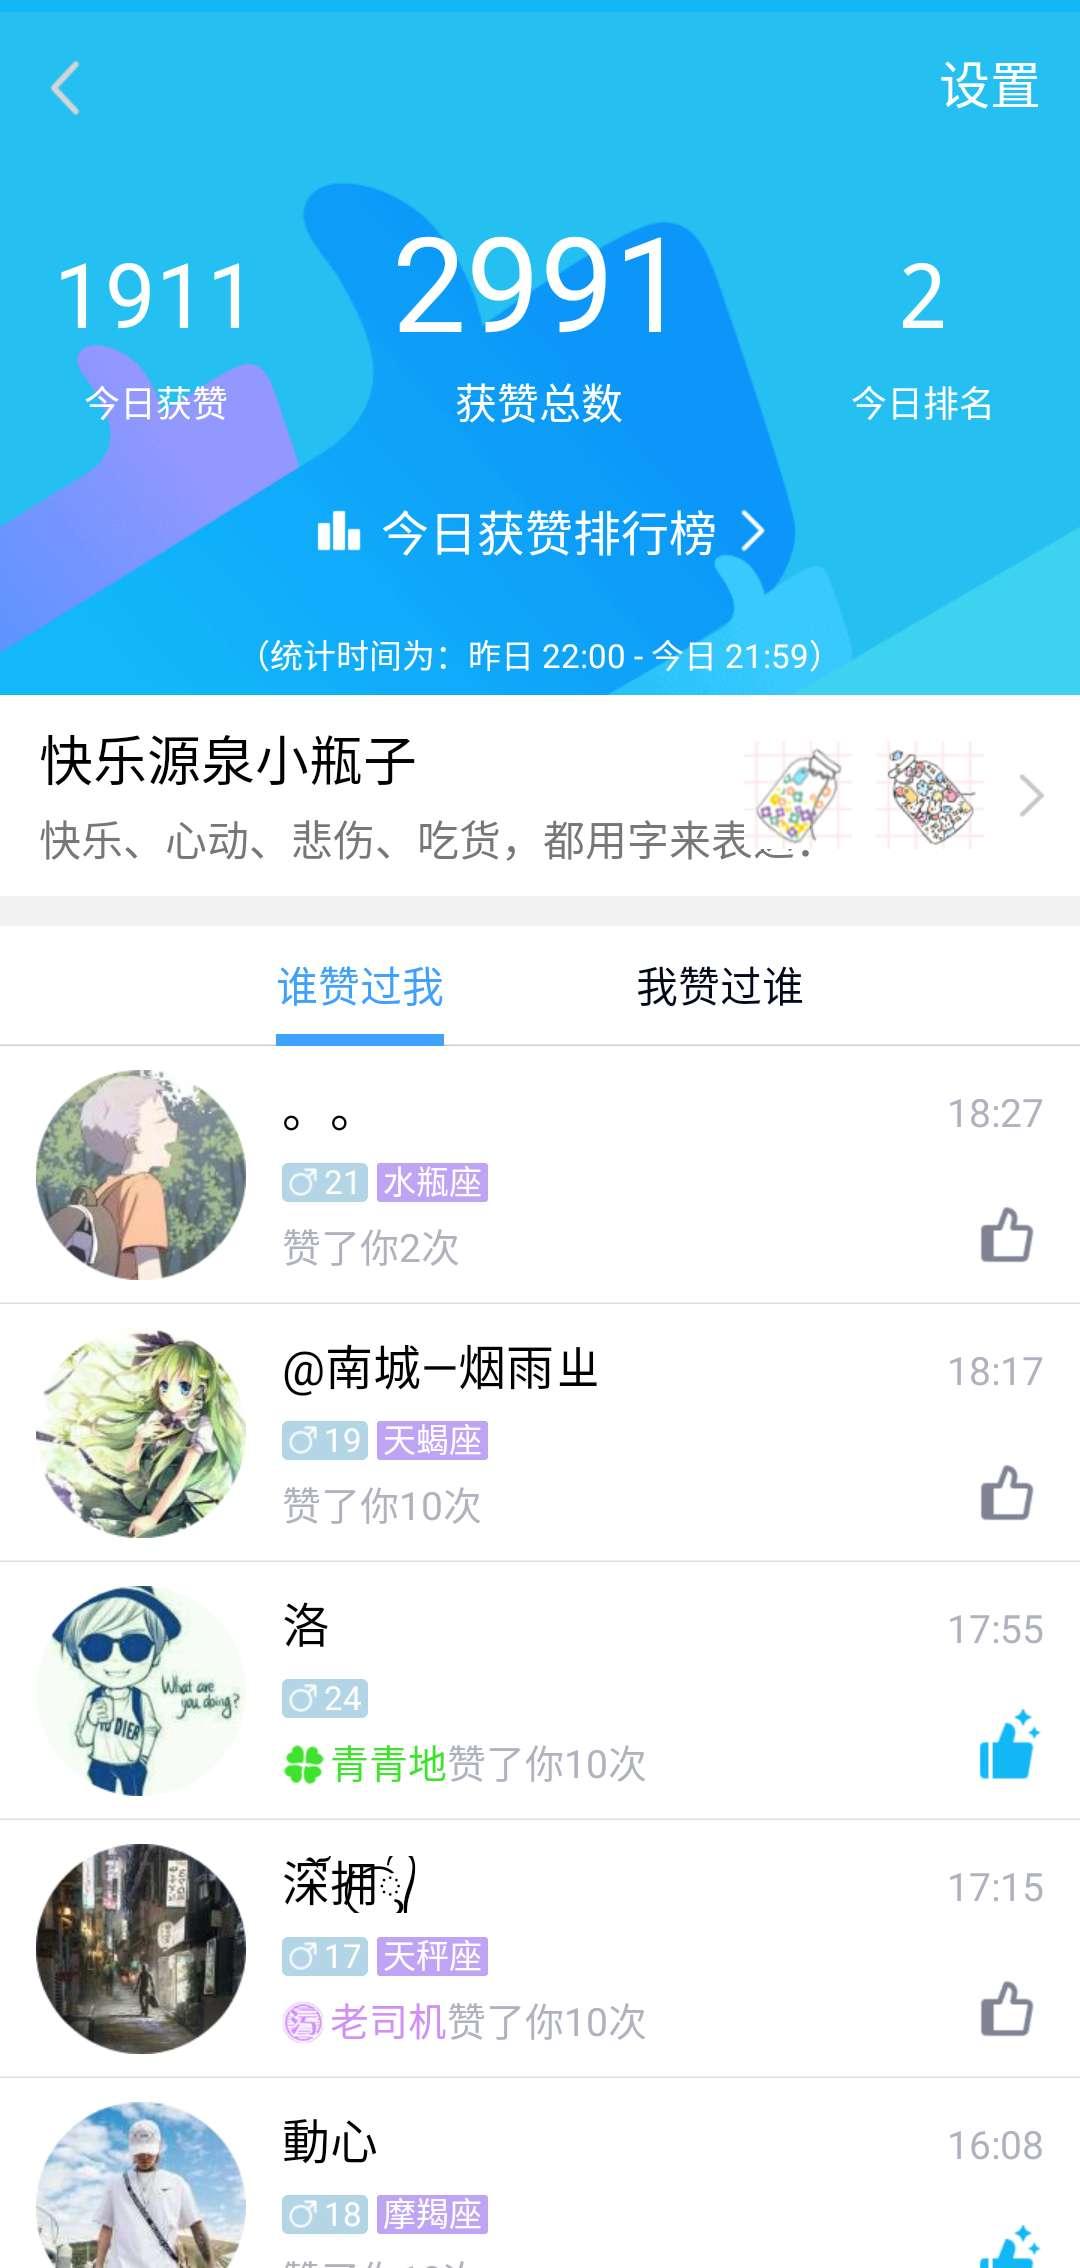 线报-「分享」QQ互赞啦 修改 无限积分版  每天轻松互赞名片赞过万